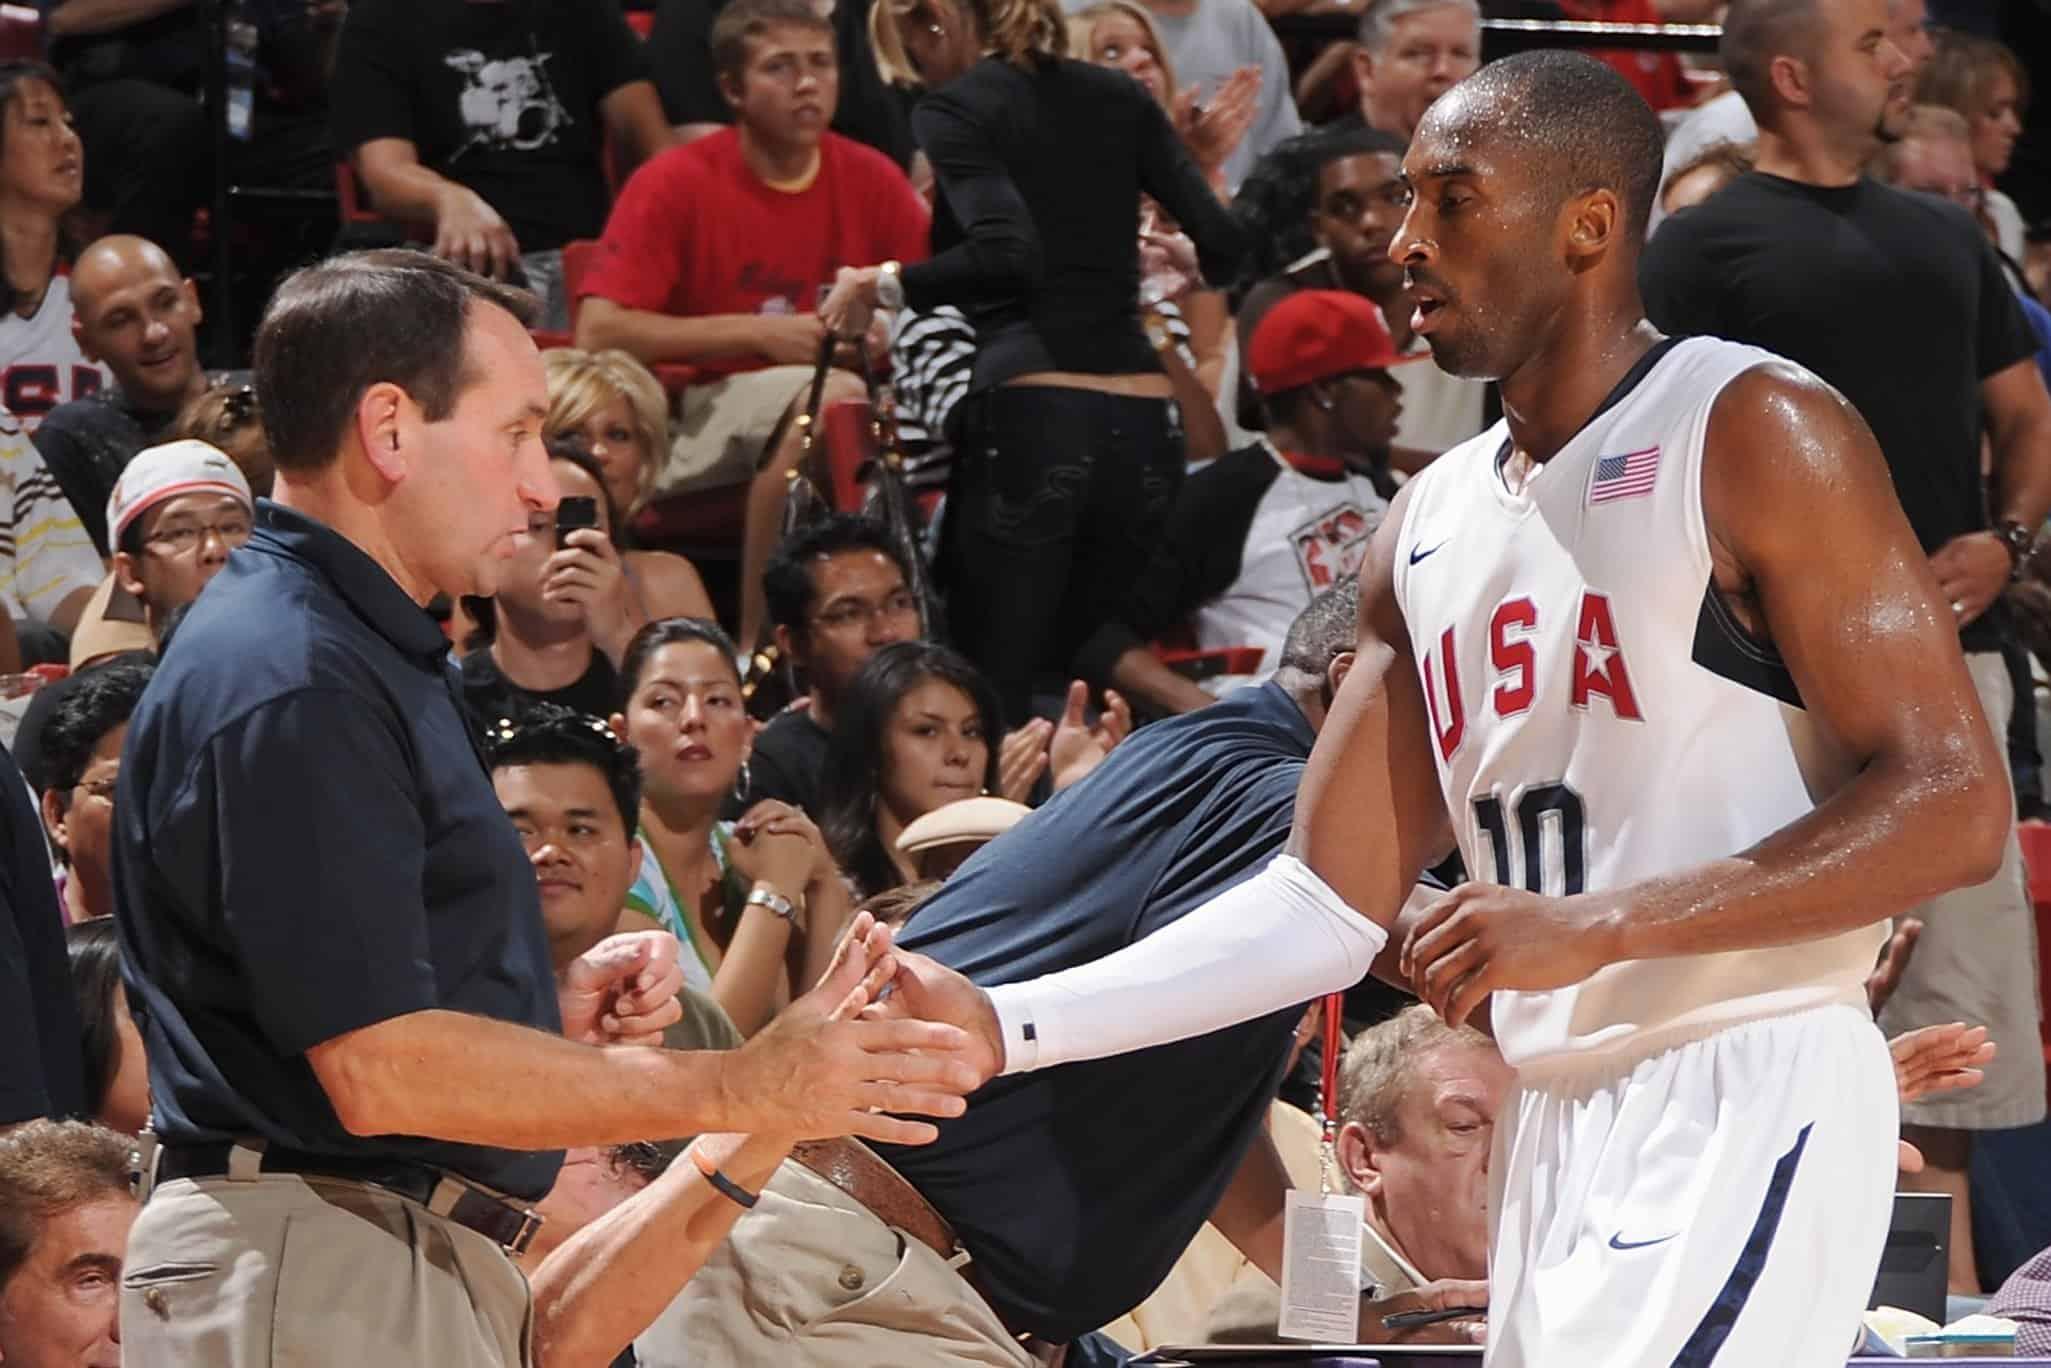 Addio Kobe, hai cambiato il basket